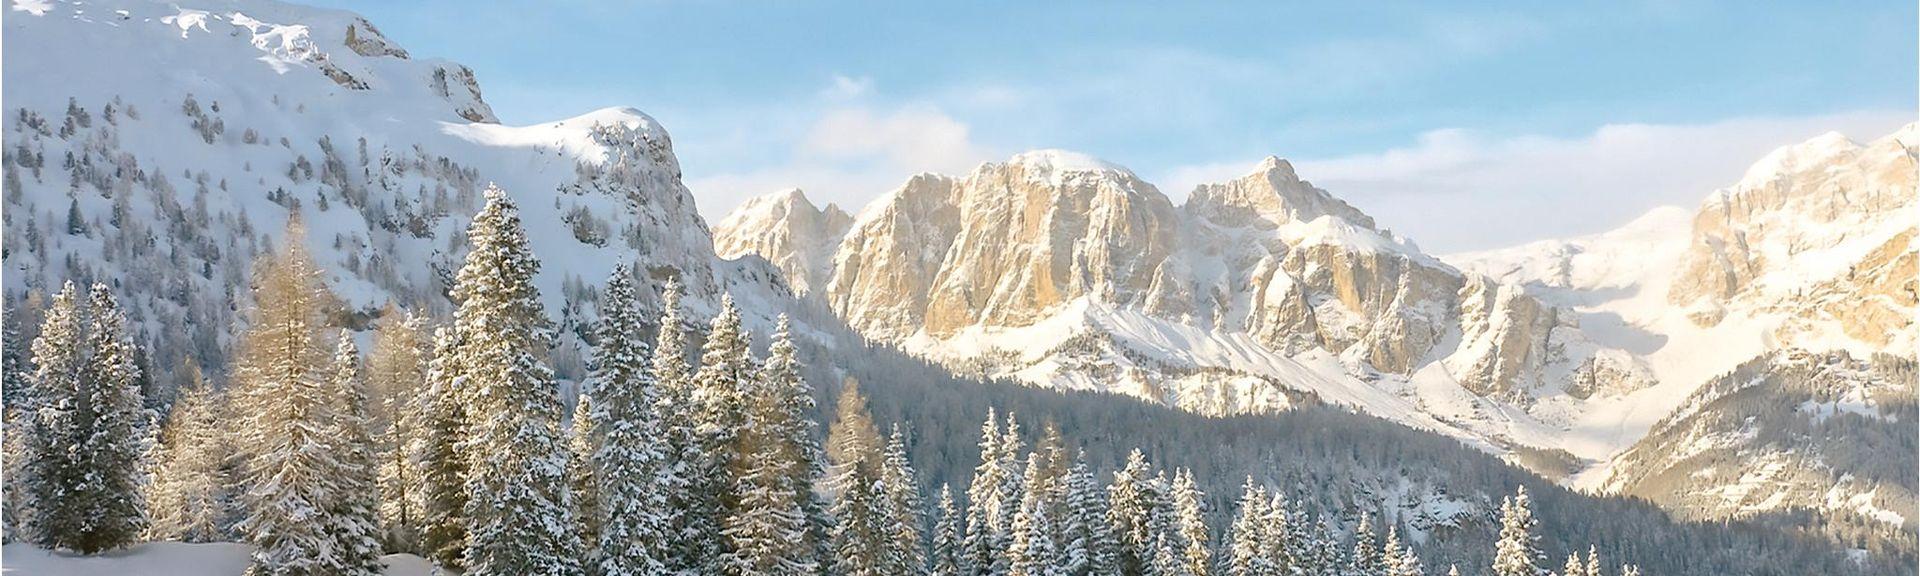 Gionghi-cappella, Trento, Trentino-Alto Adige/South Tyrol, Italy